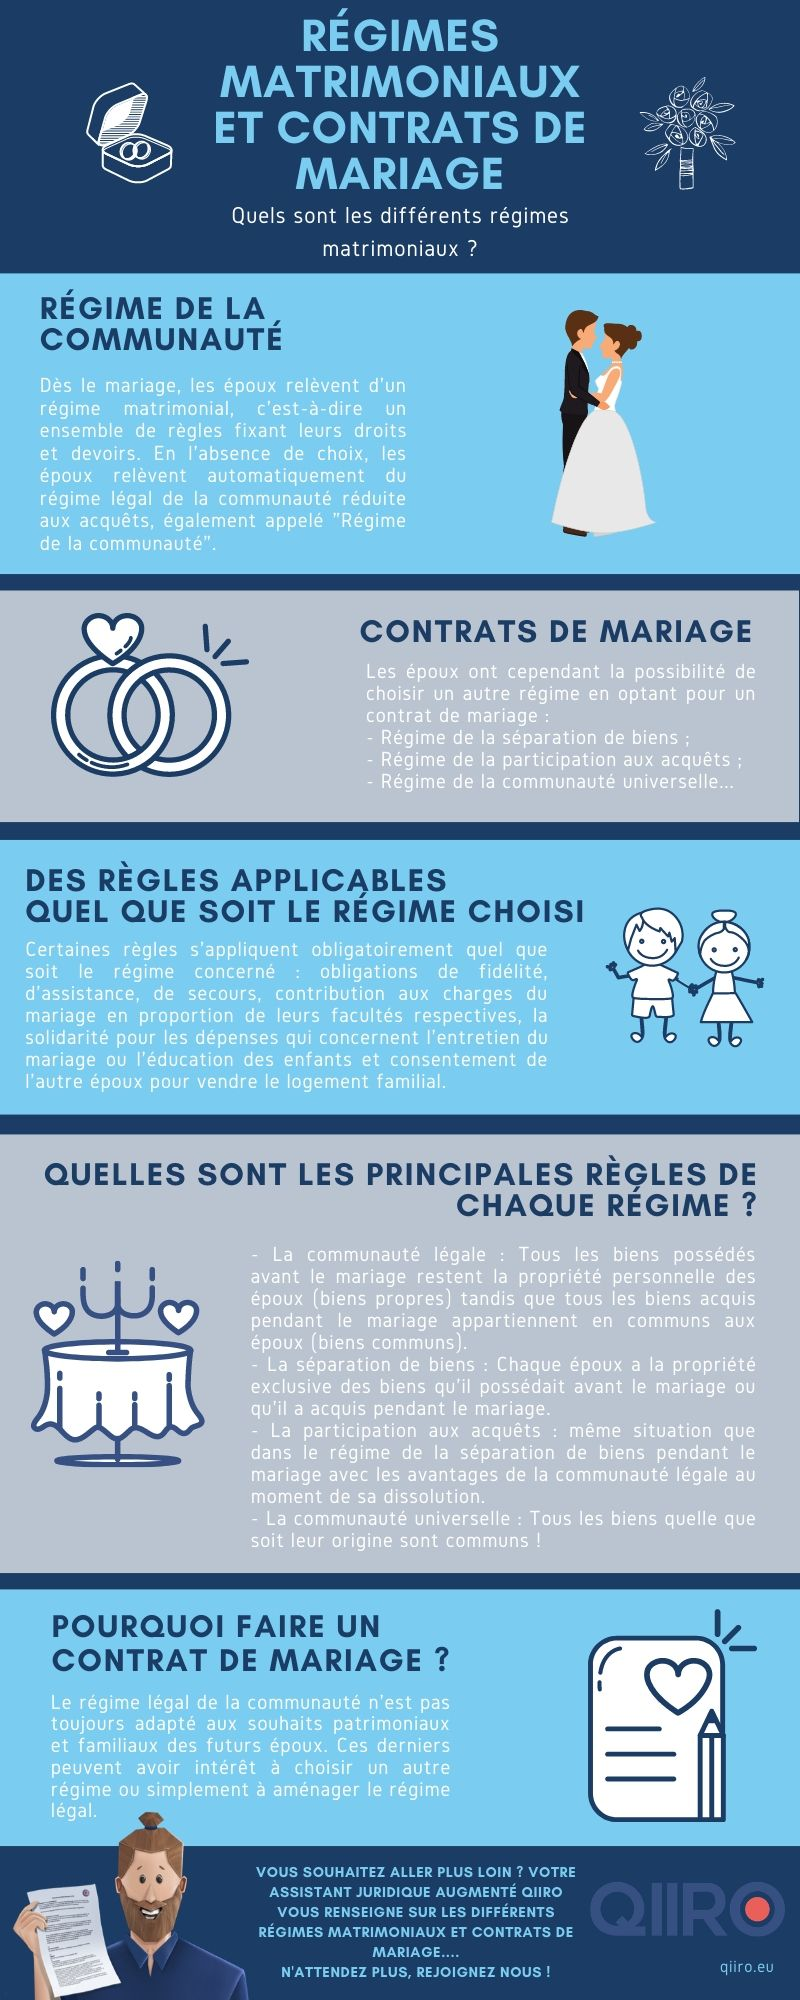 Tout savoir sur le contrat de mariage